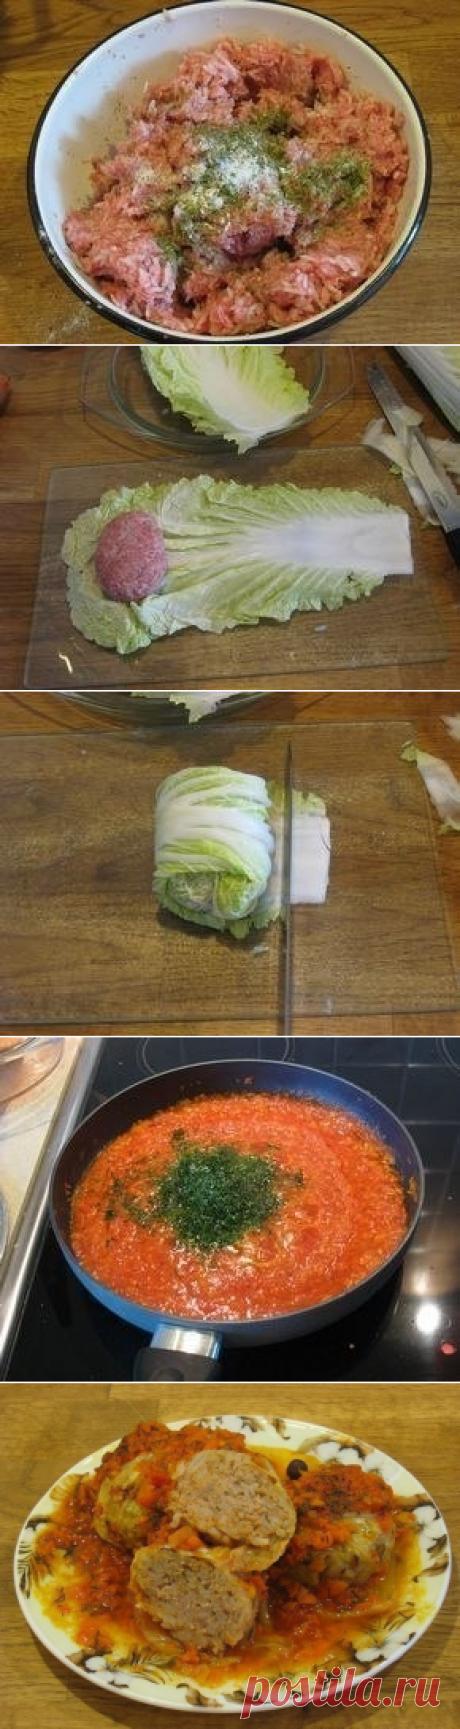 Как приготовить голубцы из пекинской капусты в духовке - рецепт, ингредиенты и фотографии